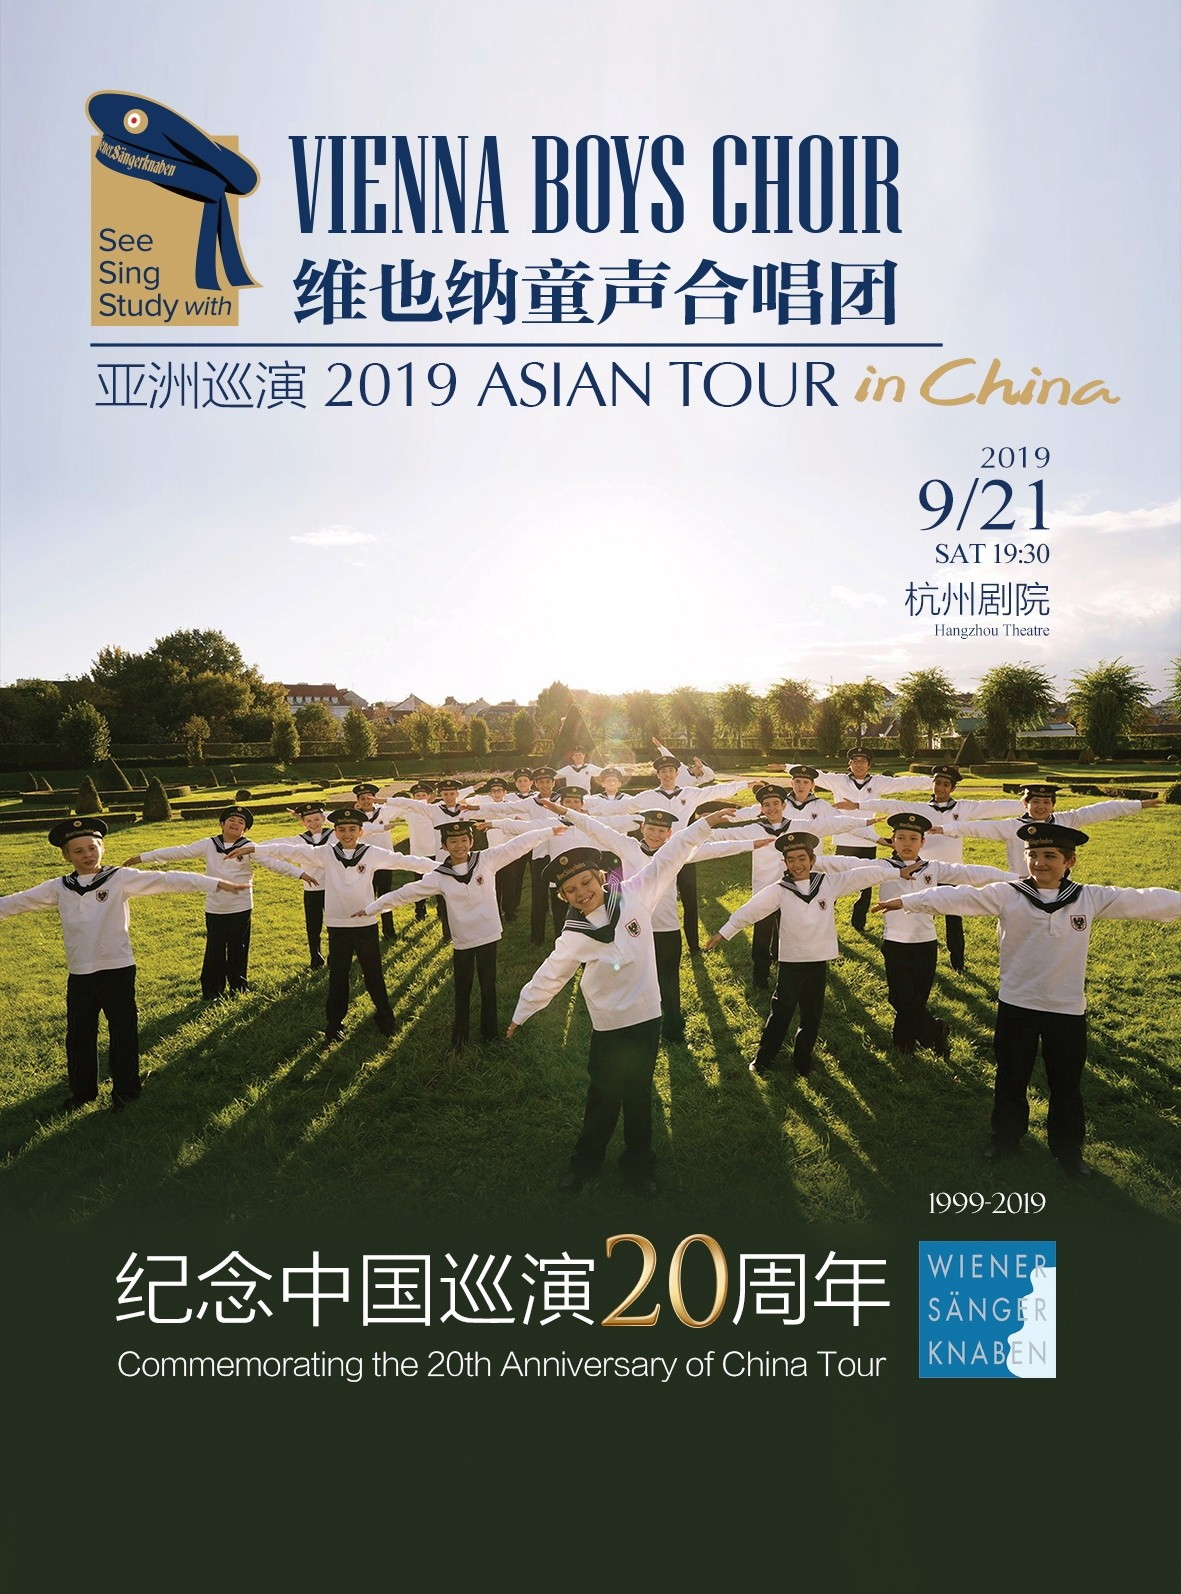 纪念中国巡演20周年 维也纳童声合唱团亚洲巡演 杭州站